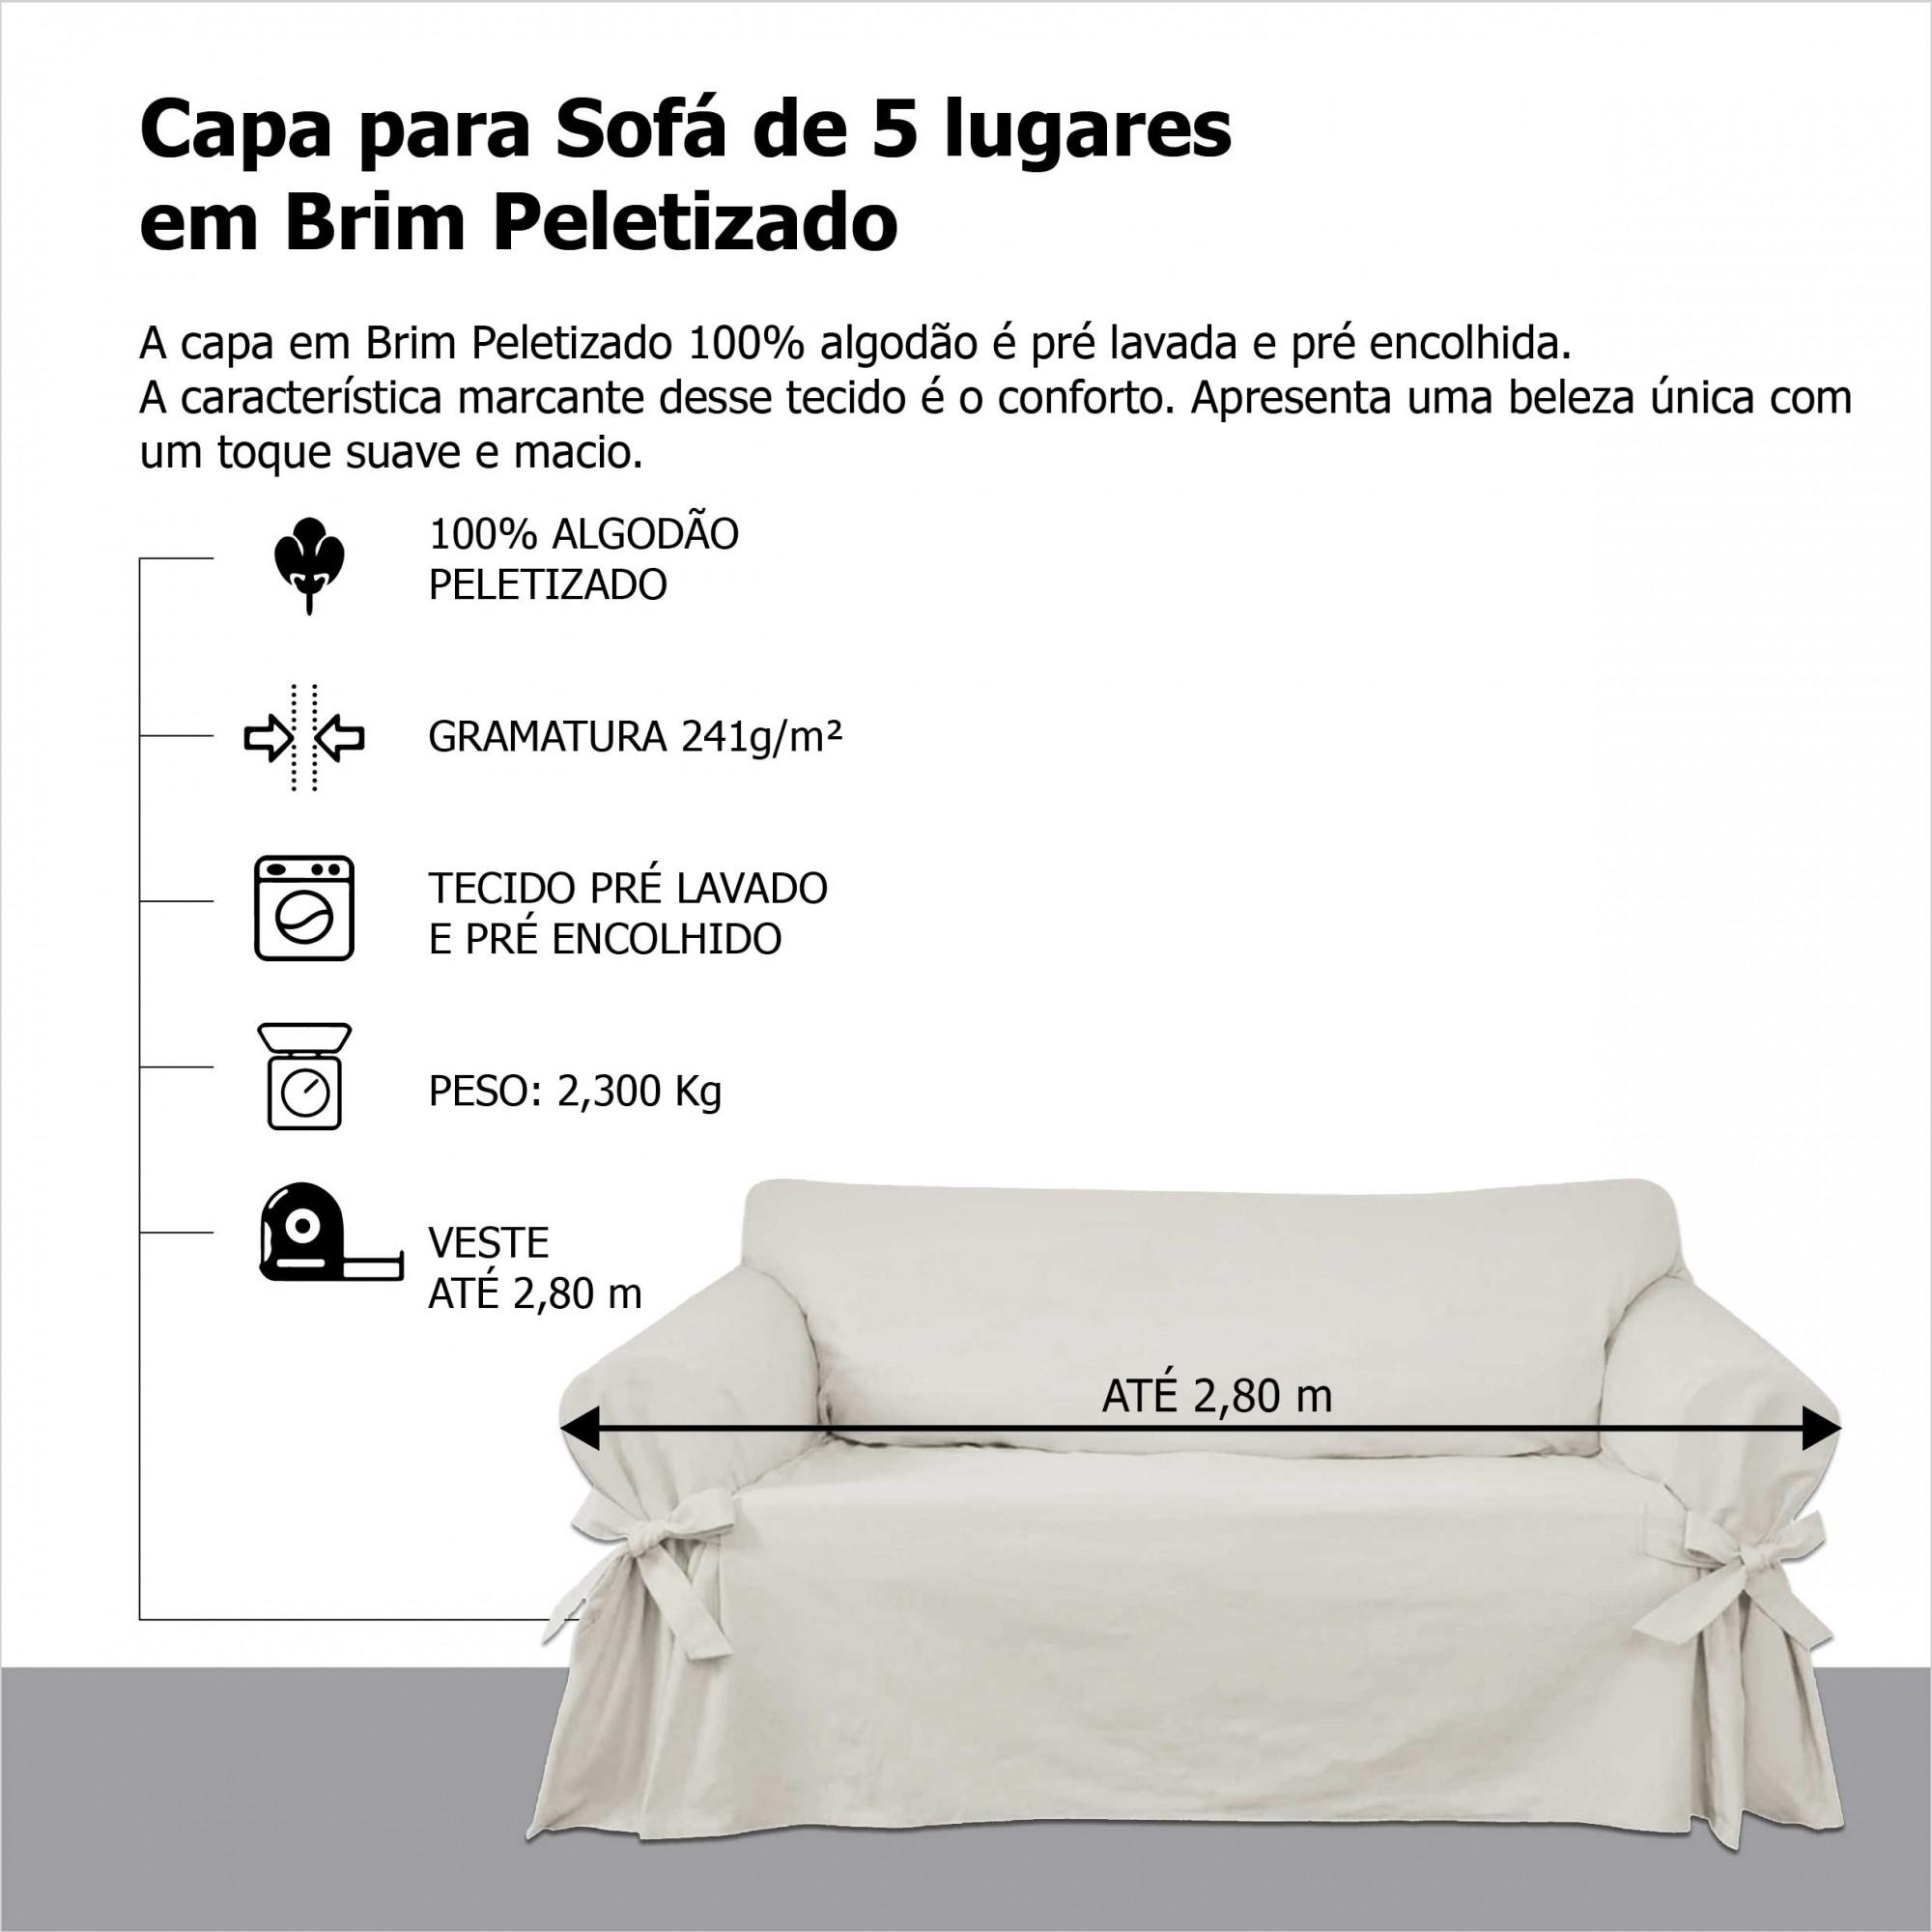 Capa p/ Sofá de 5 Lug CRUA em Brim